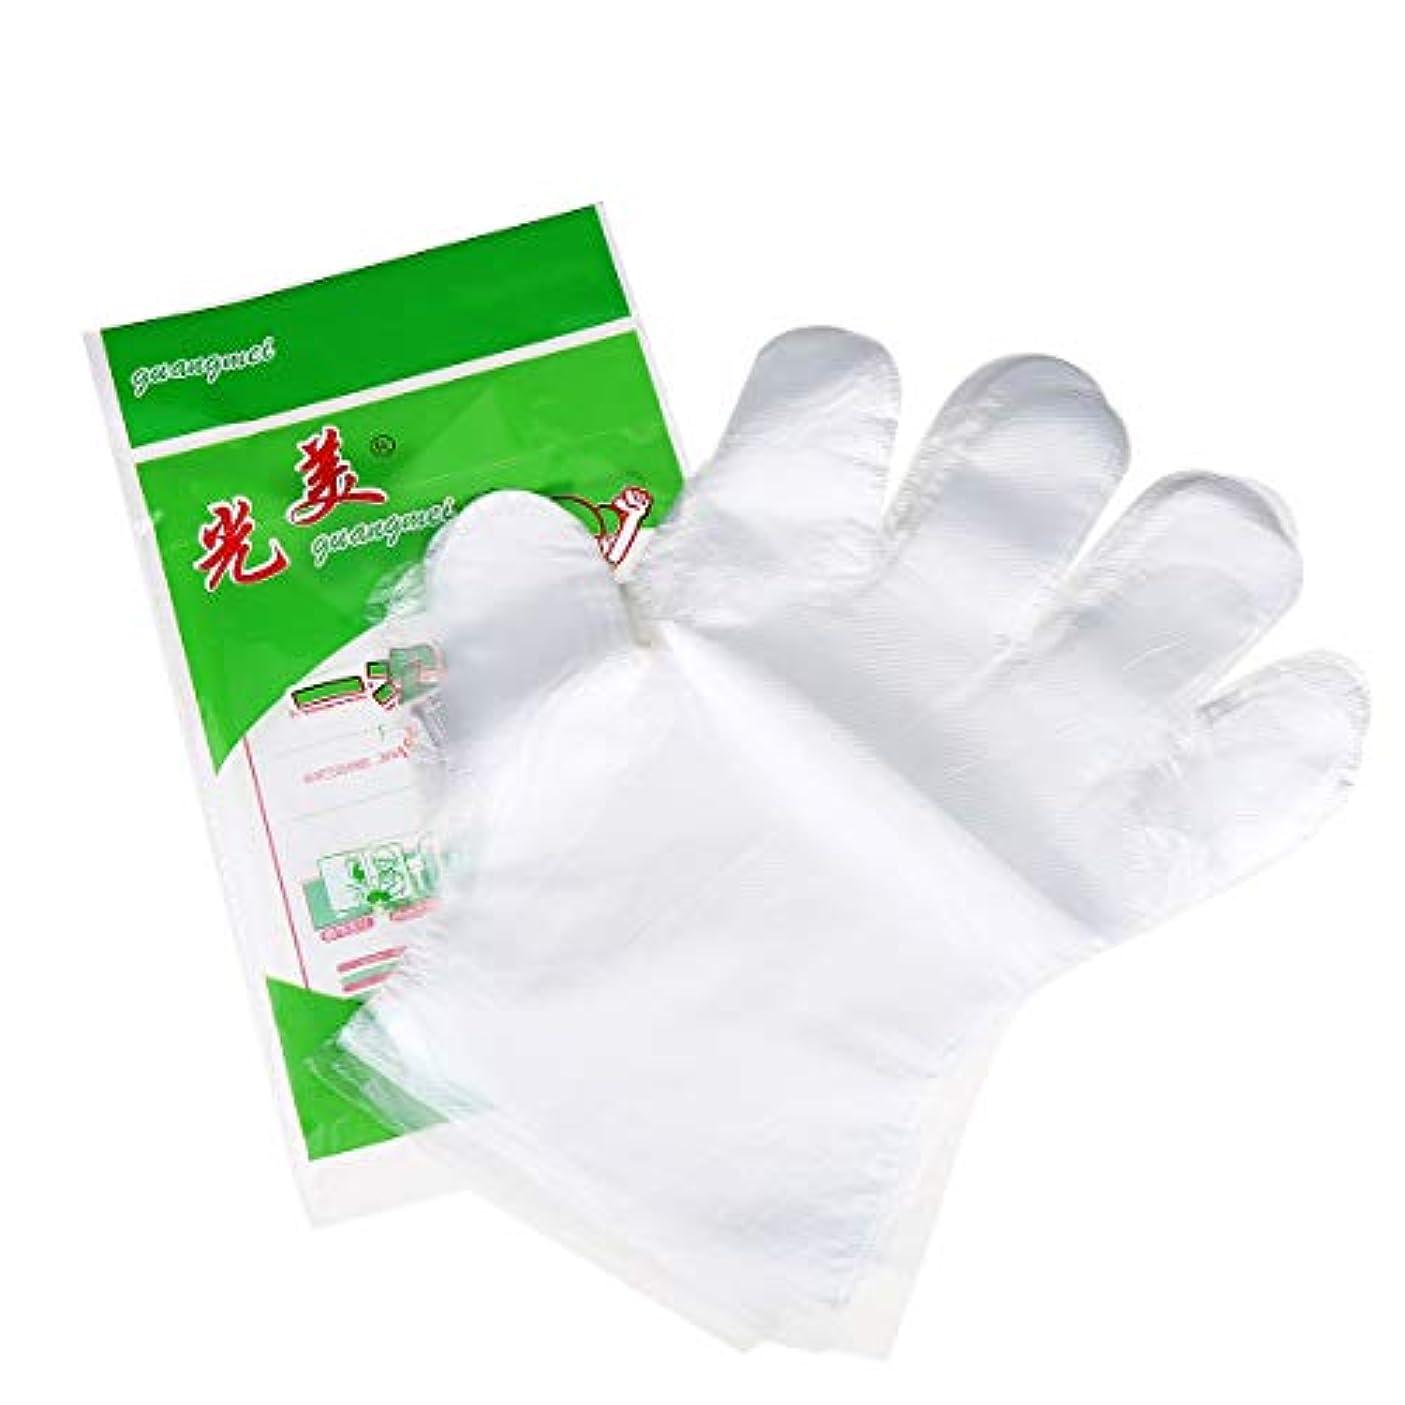 著者昼食いちゃつく使い捨て手袋 極薄ビニール手袋 ポリエチレン 透明 実用 衛生 100枚セット極薄手袋 調理に?お掃除に?毛染めに